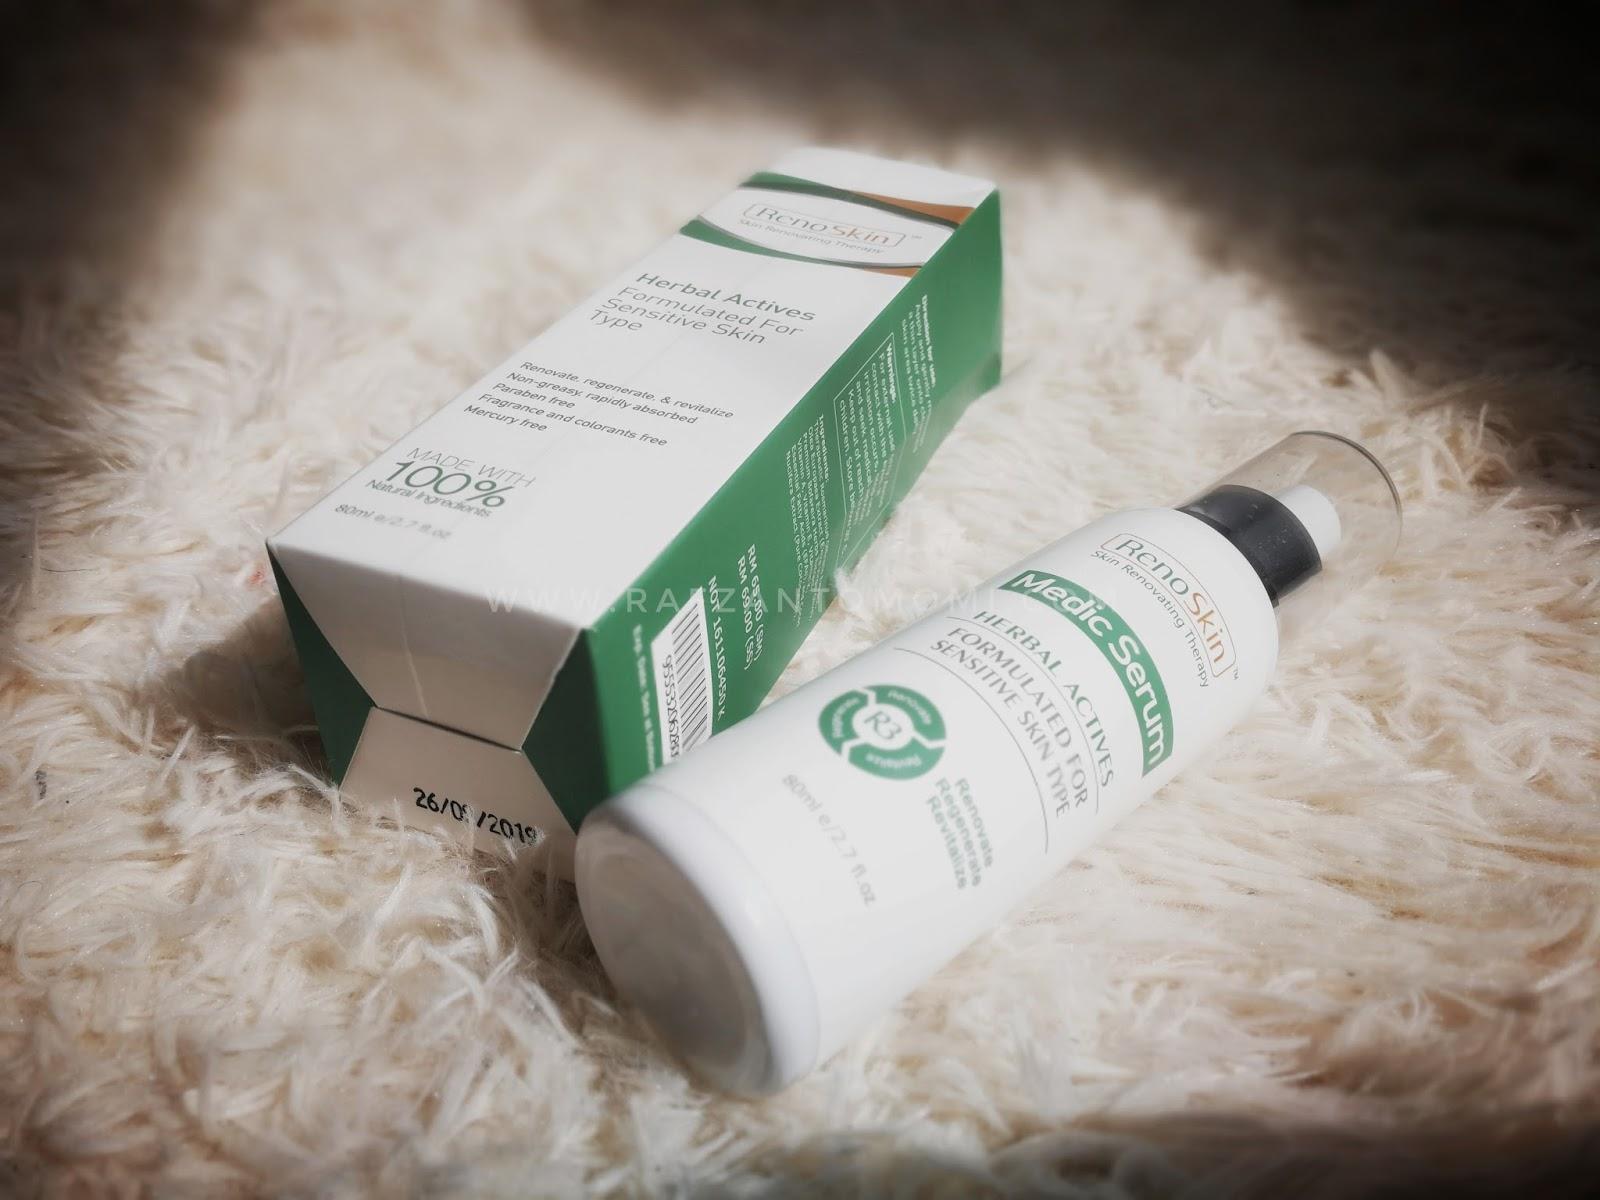 RenoSkin - Produk Medic Serum Serbaguna Yang Bebas Dari Kimia